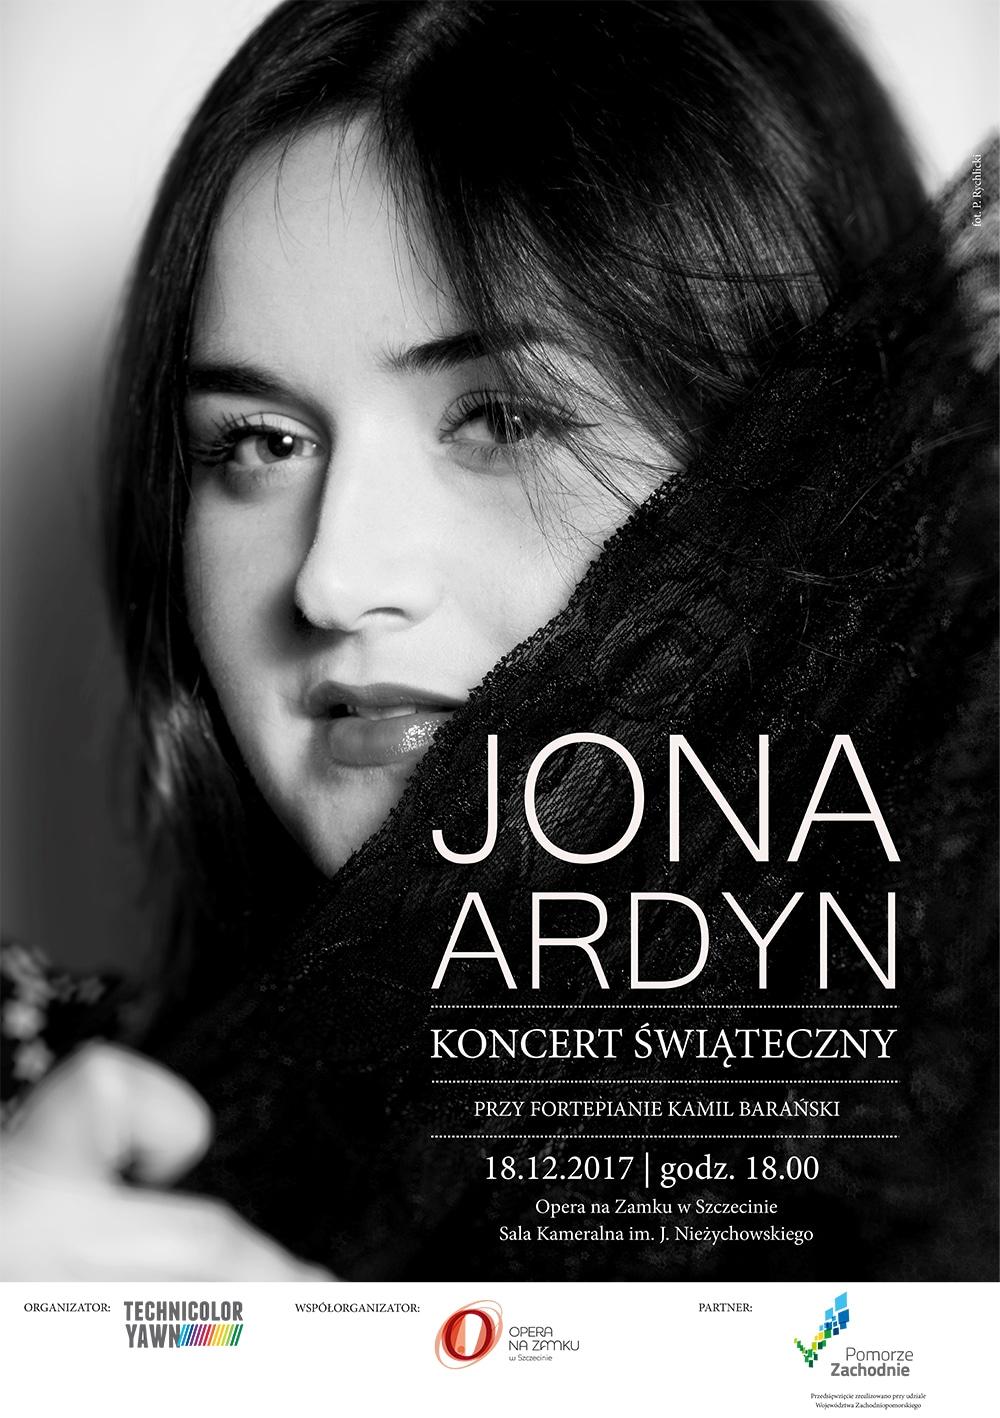 Koncert Świąteczny Jony Ardyn